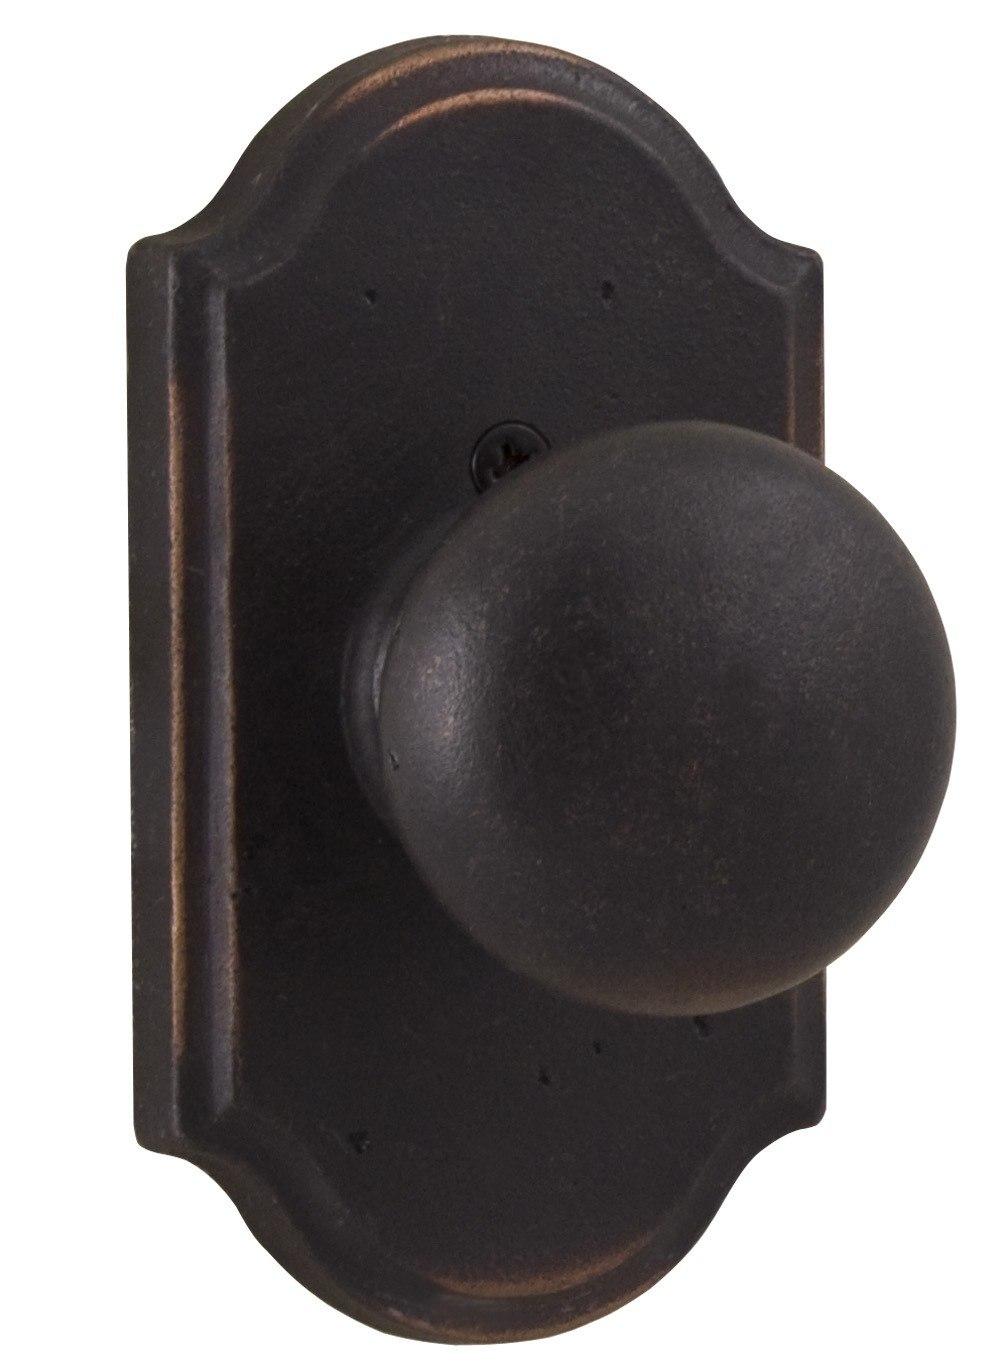 WESLOCK 07105F MOLTEN BRONZE WEXFORD SINGLE DUMMY DOOR KNOB WITH PREMIER ROSETTE